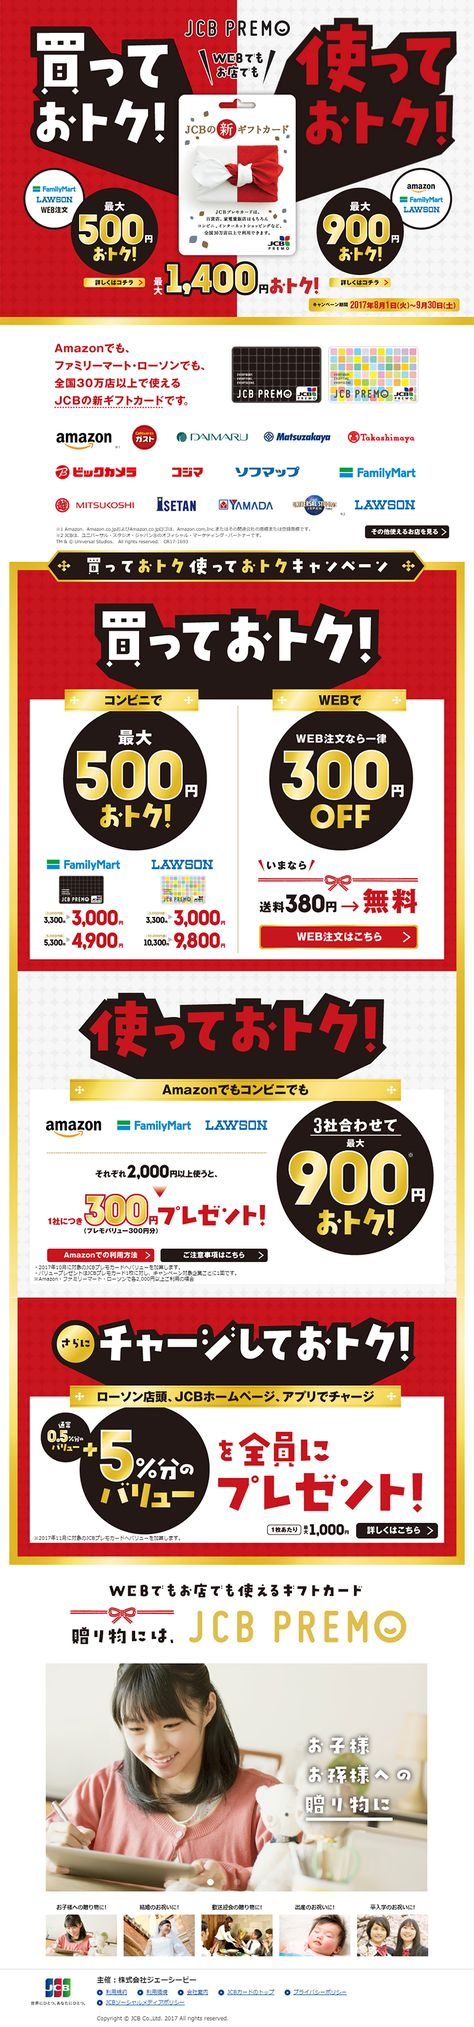 JCB様の「WEBで買っておトク!キャンペーン」のランディングページ(LP)にぎやか系|サービス・保険・金融